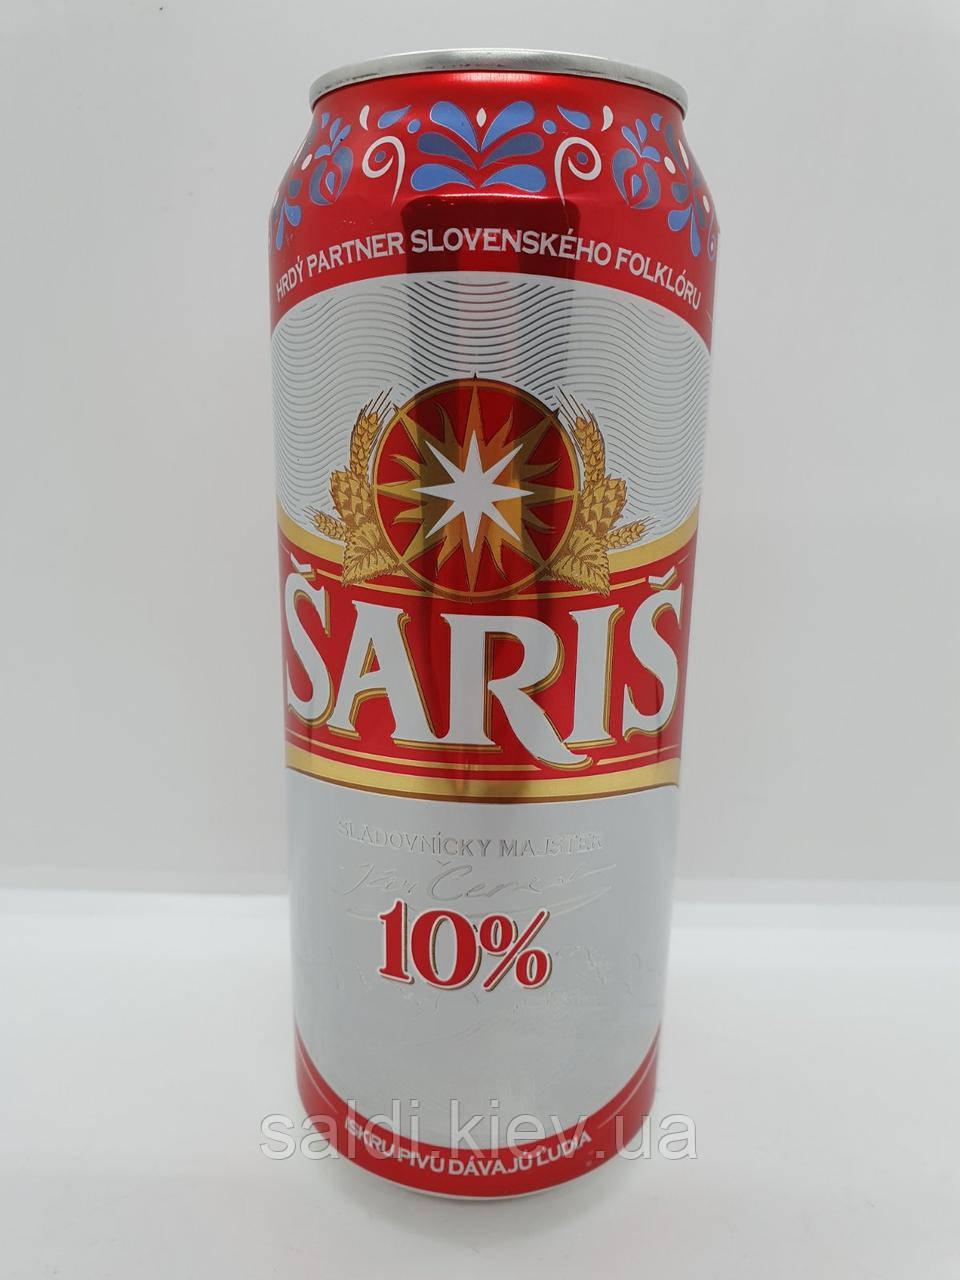 Пиво баночное светлое Saris 10% 0,5л. Чешское